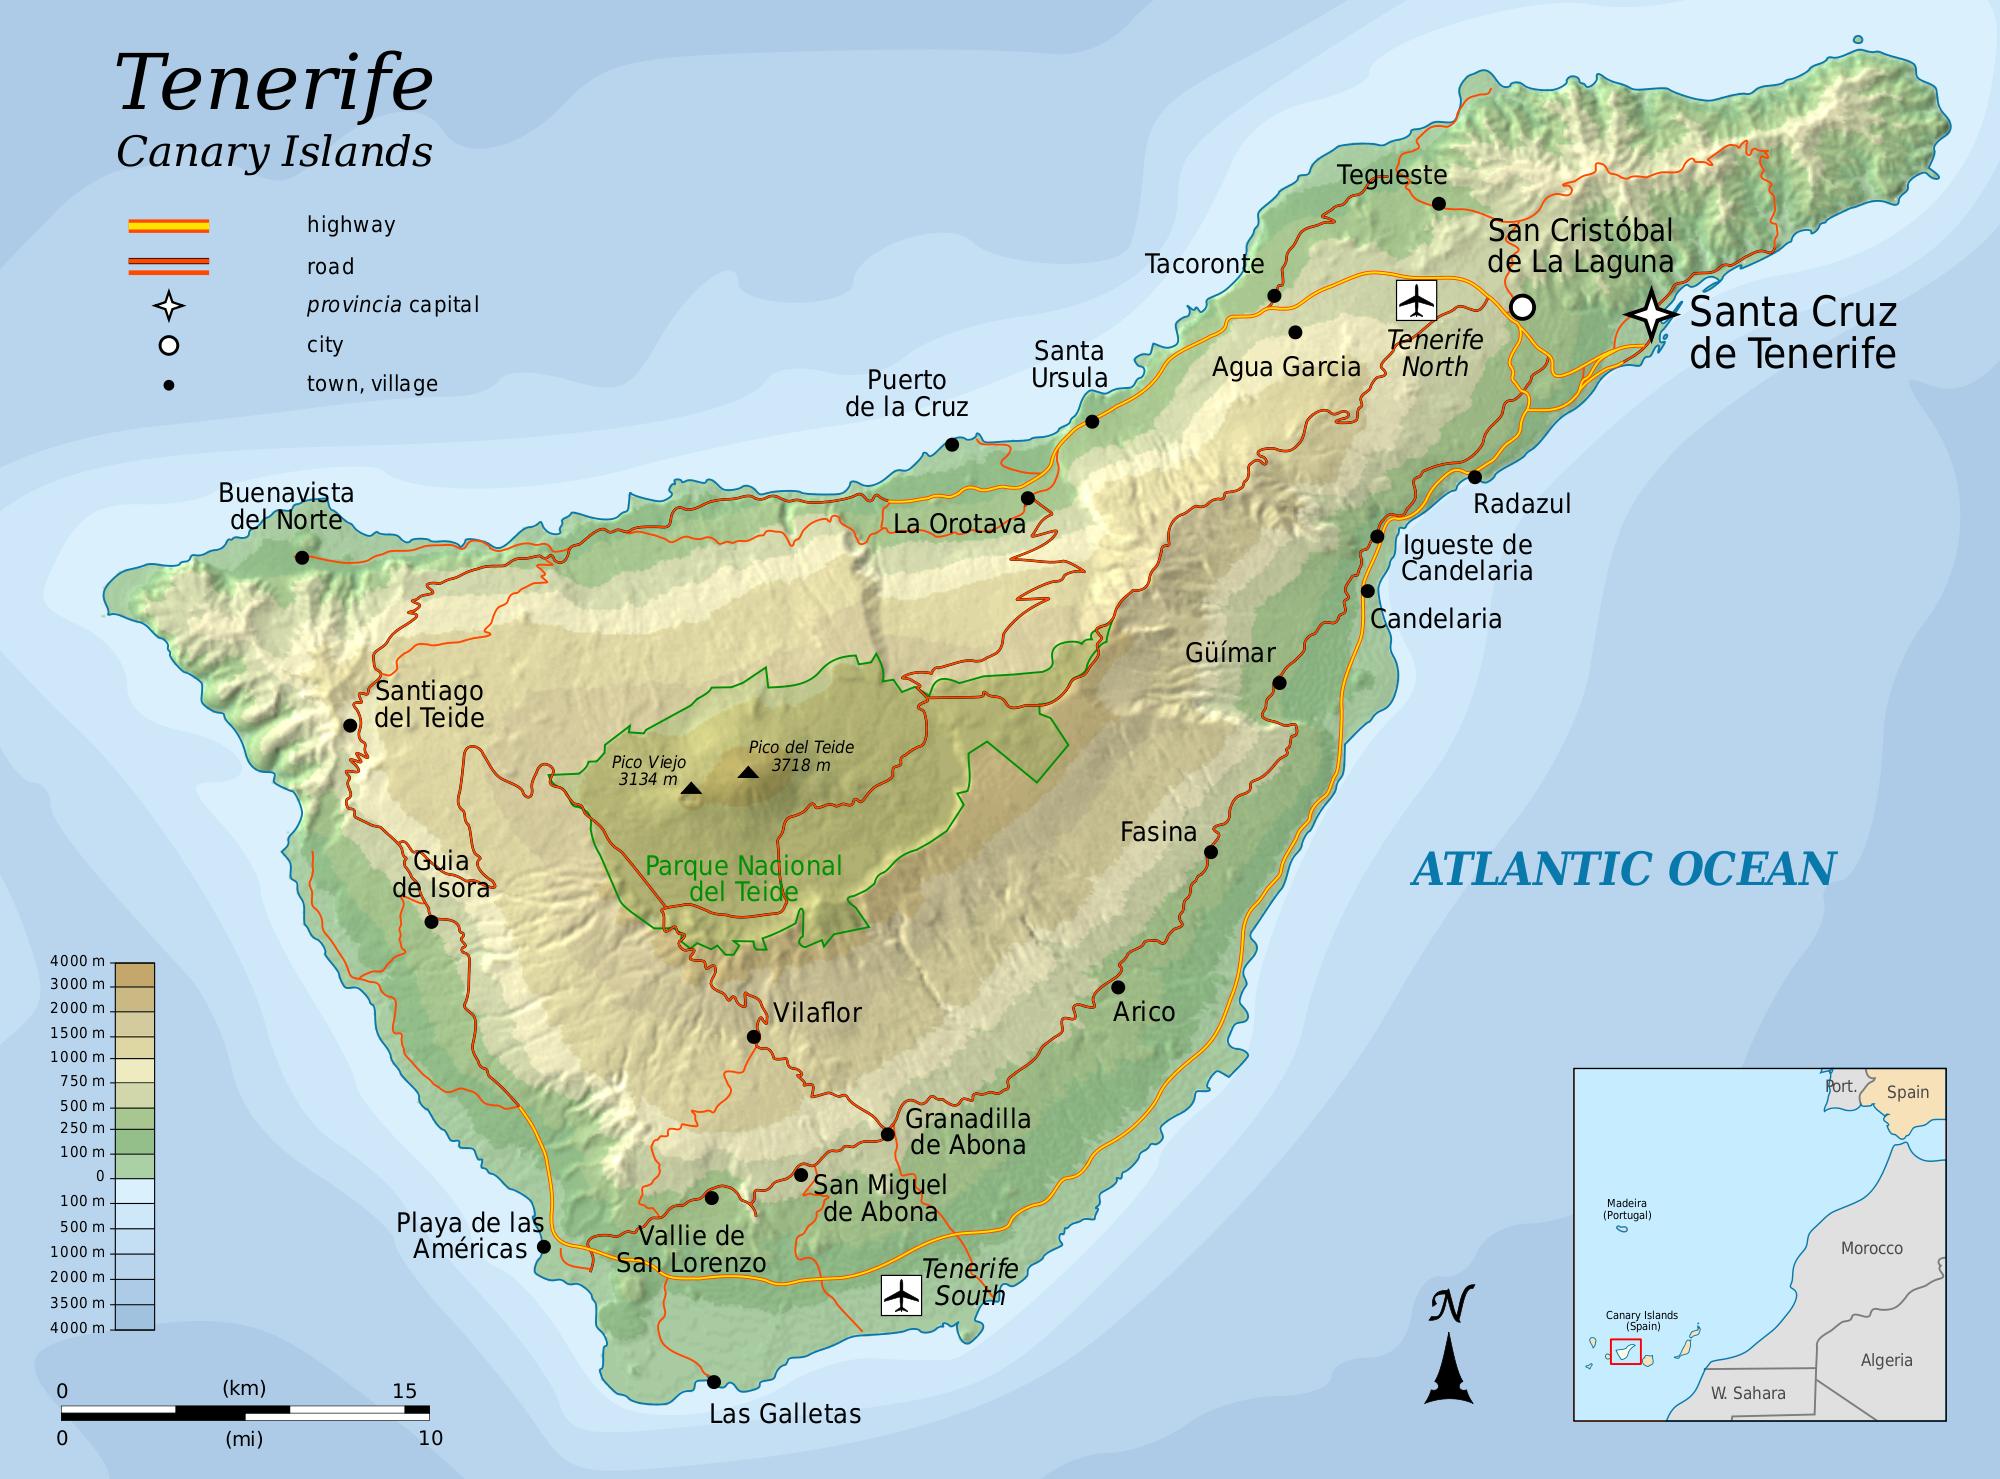 Tenerife Island topographic map 2010